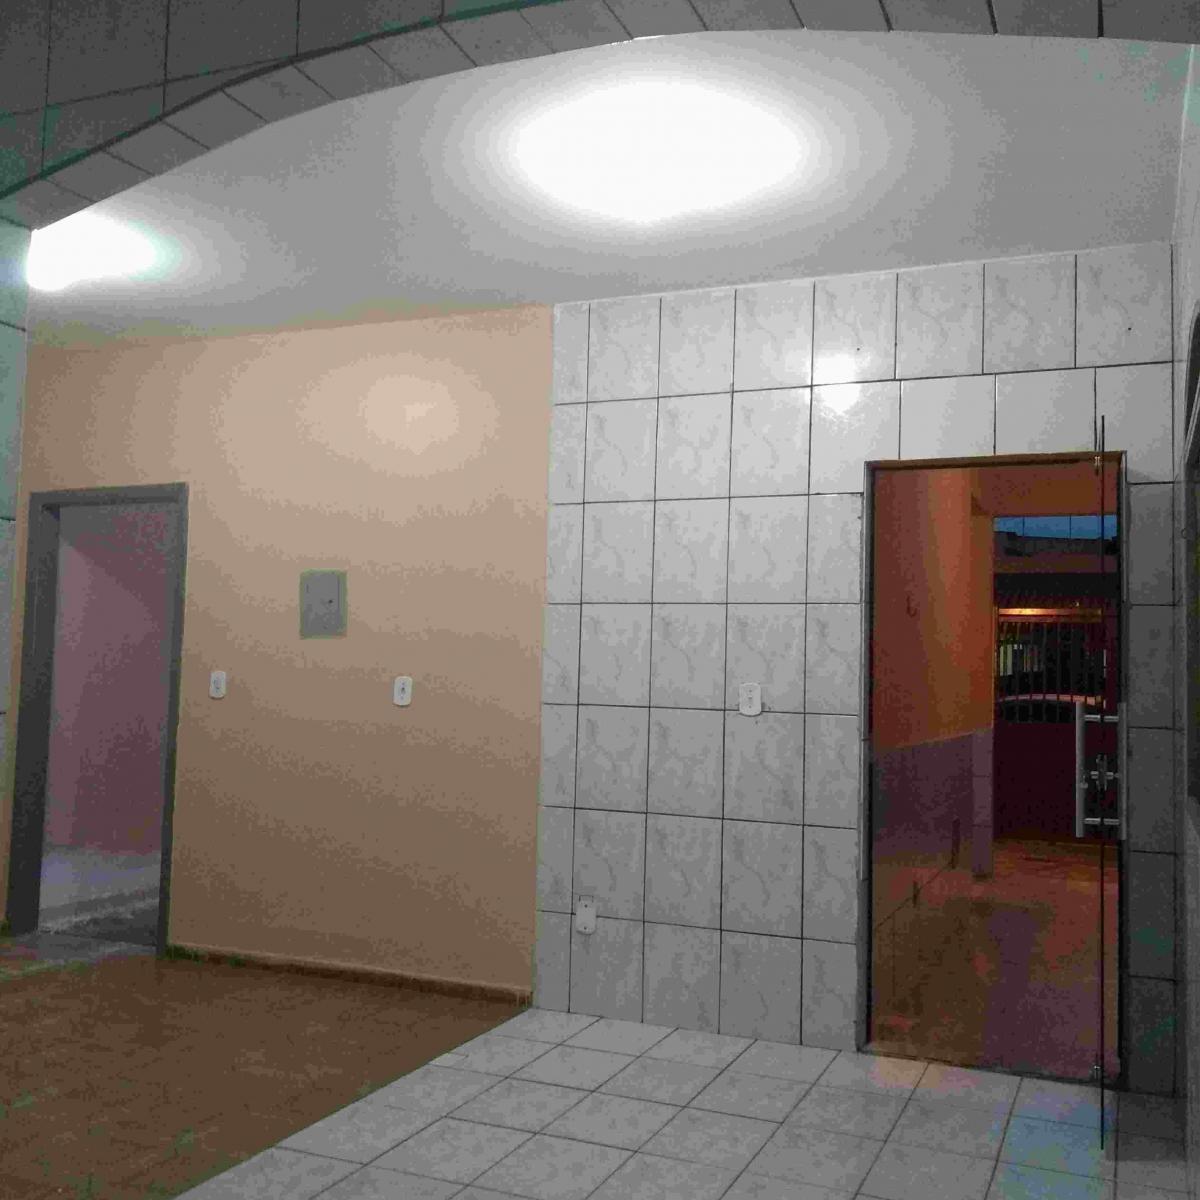 Alugo casa de 03 quartos no Gama-DF (61)982744432 Antonia Aparecida